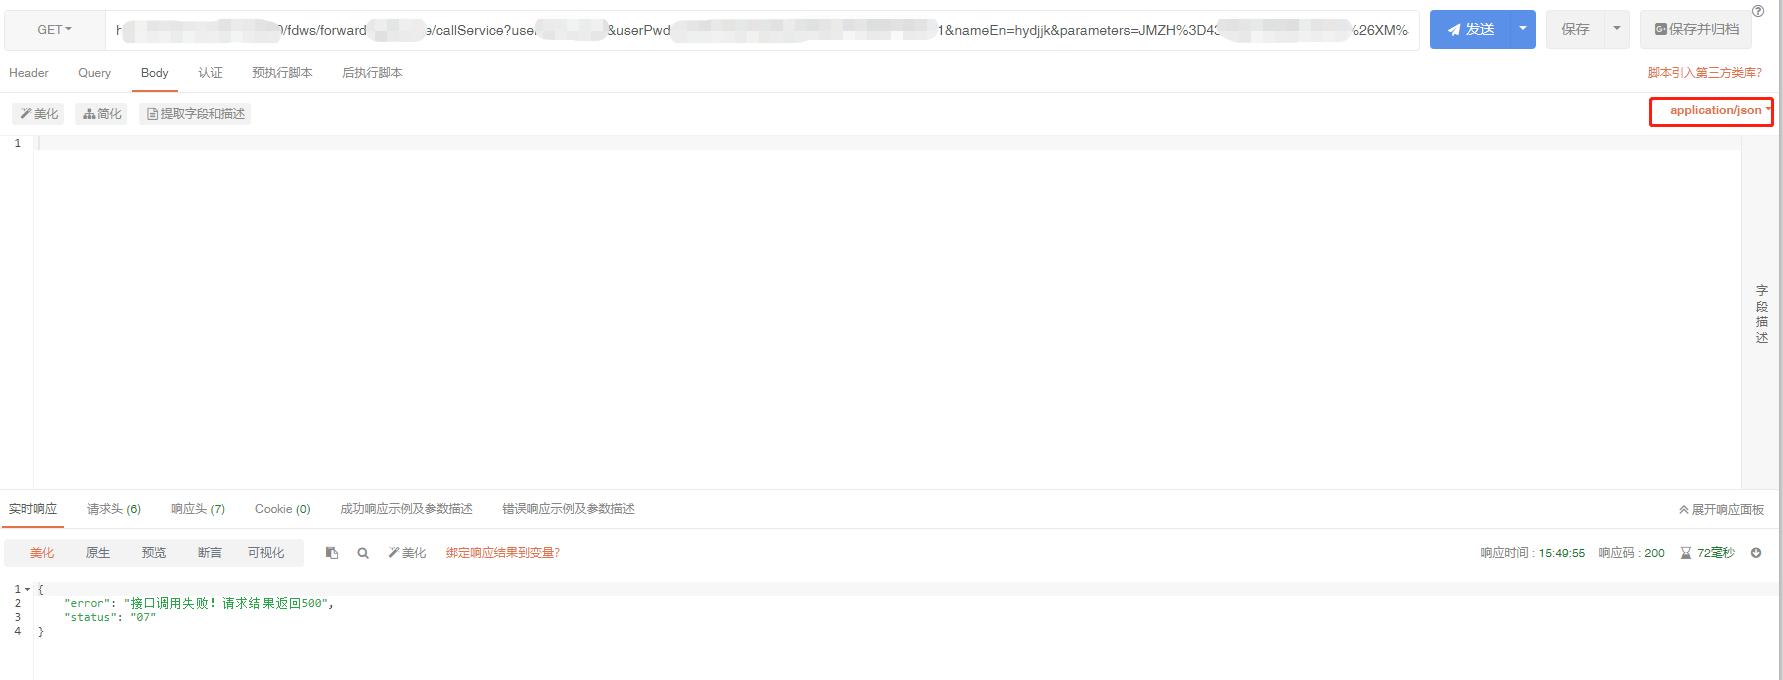 更新最新版本之后,get方式调用,部分接口无法传输所有参数